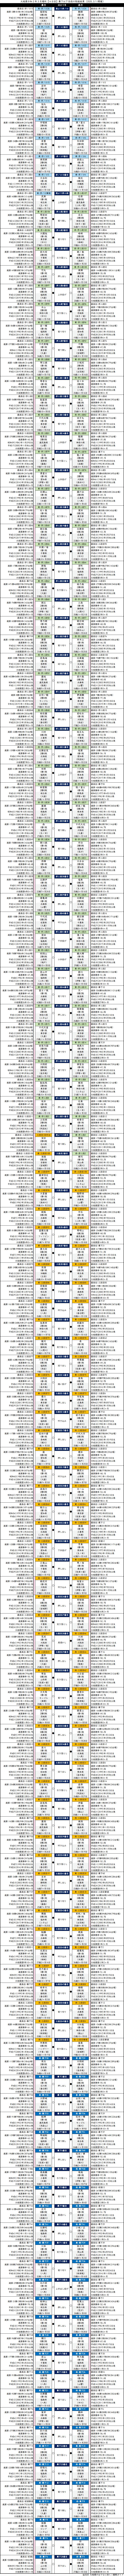 大相撲・2020年3月場所4日目・幕下以下の取組結果